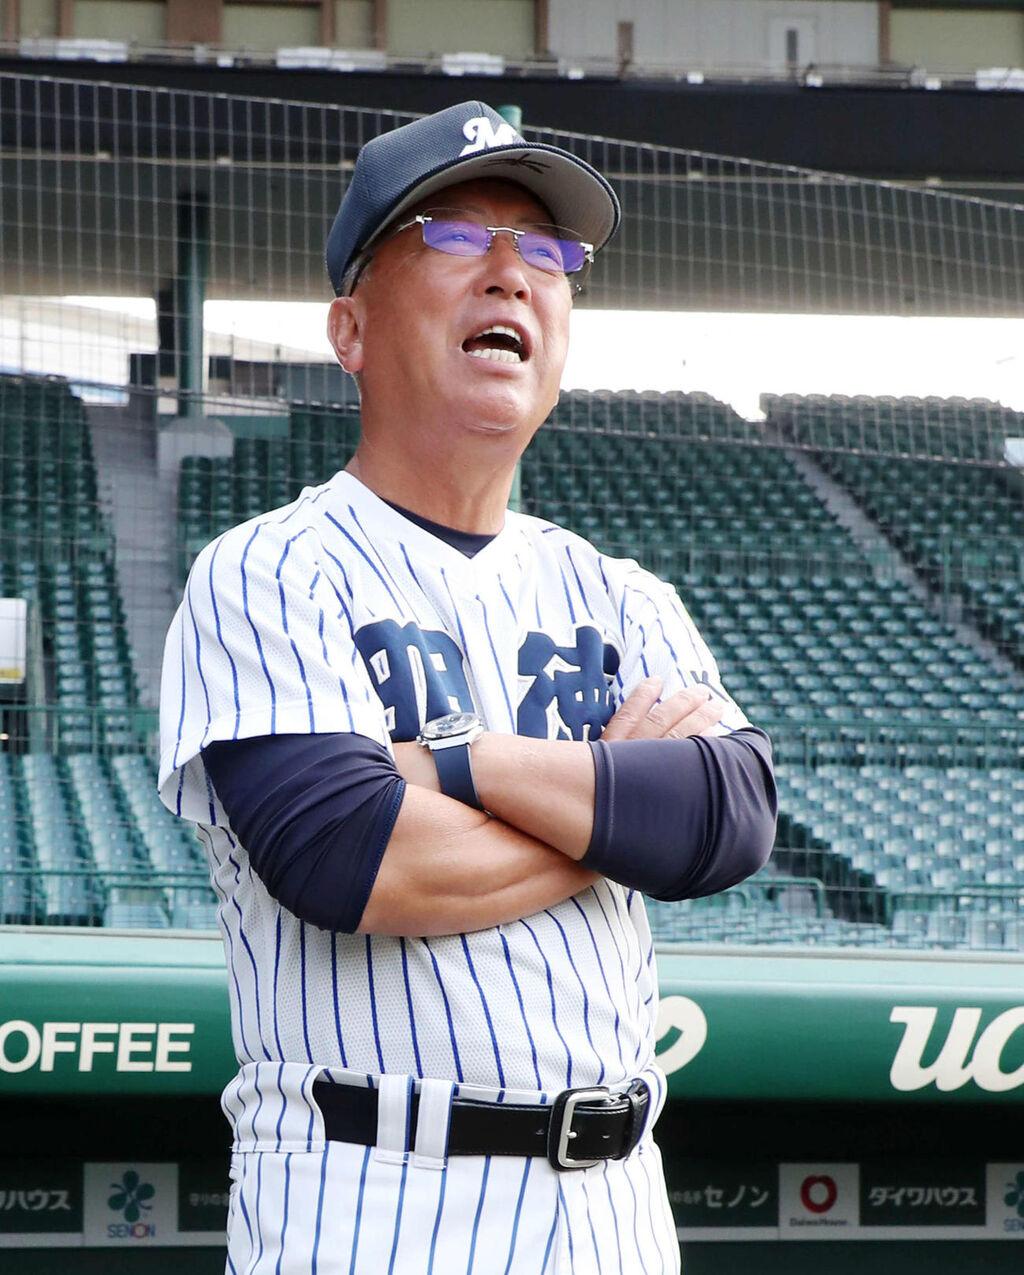 野球U-18監督、明徳・馬淵に決定!!!!